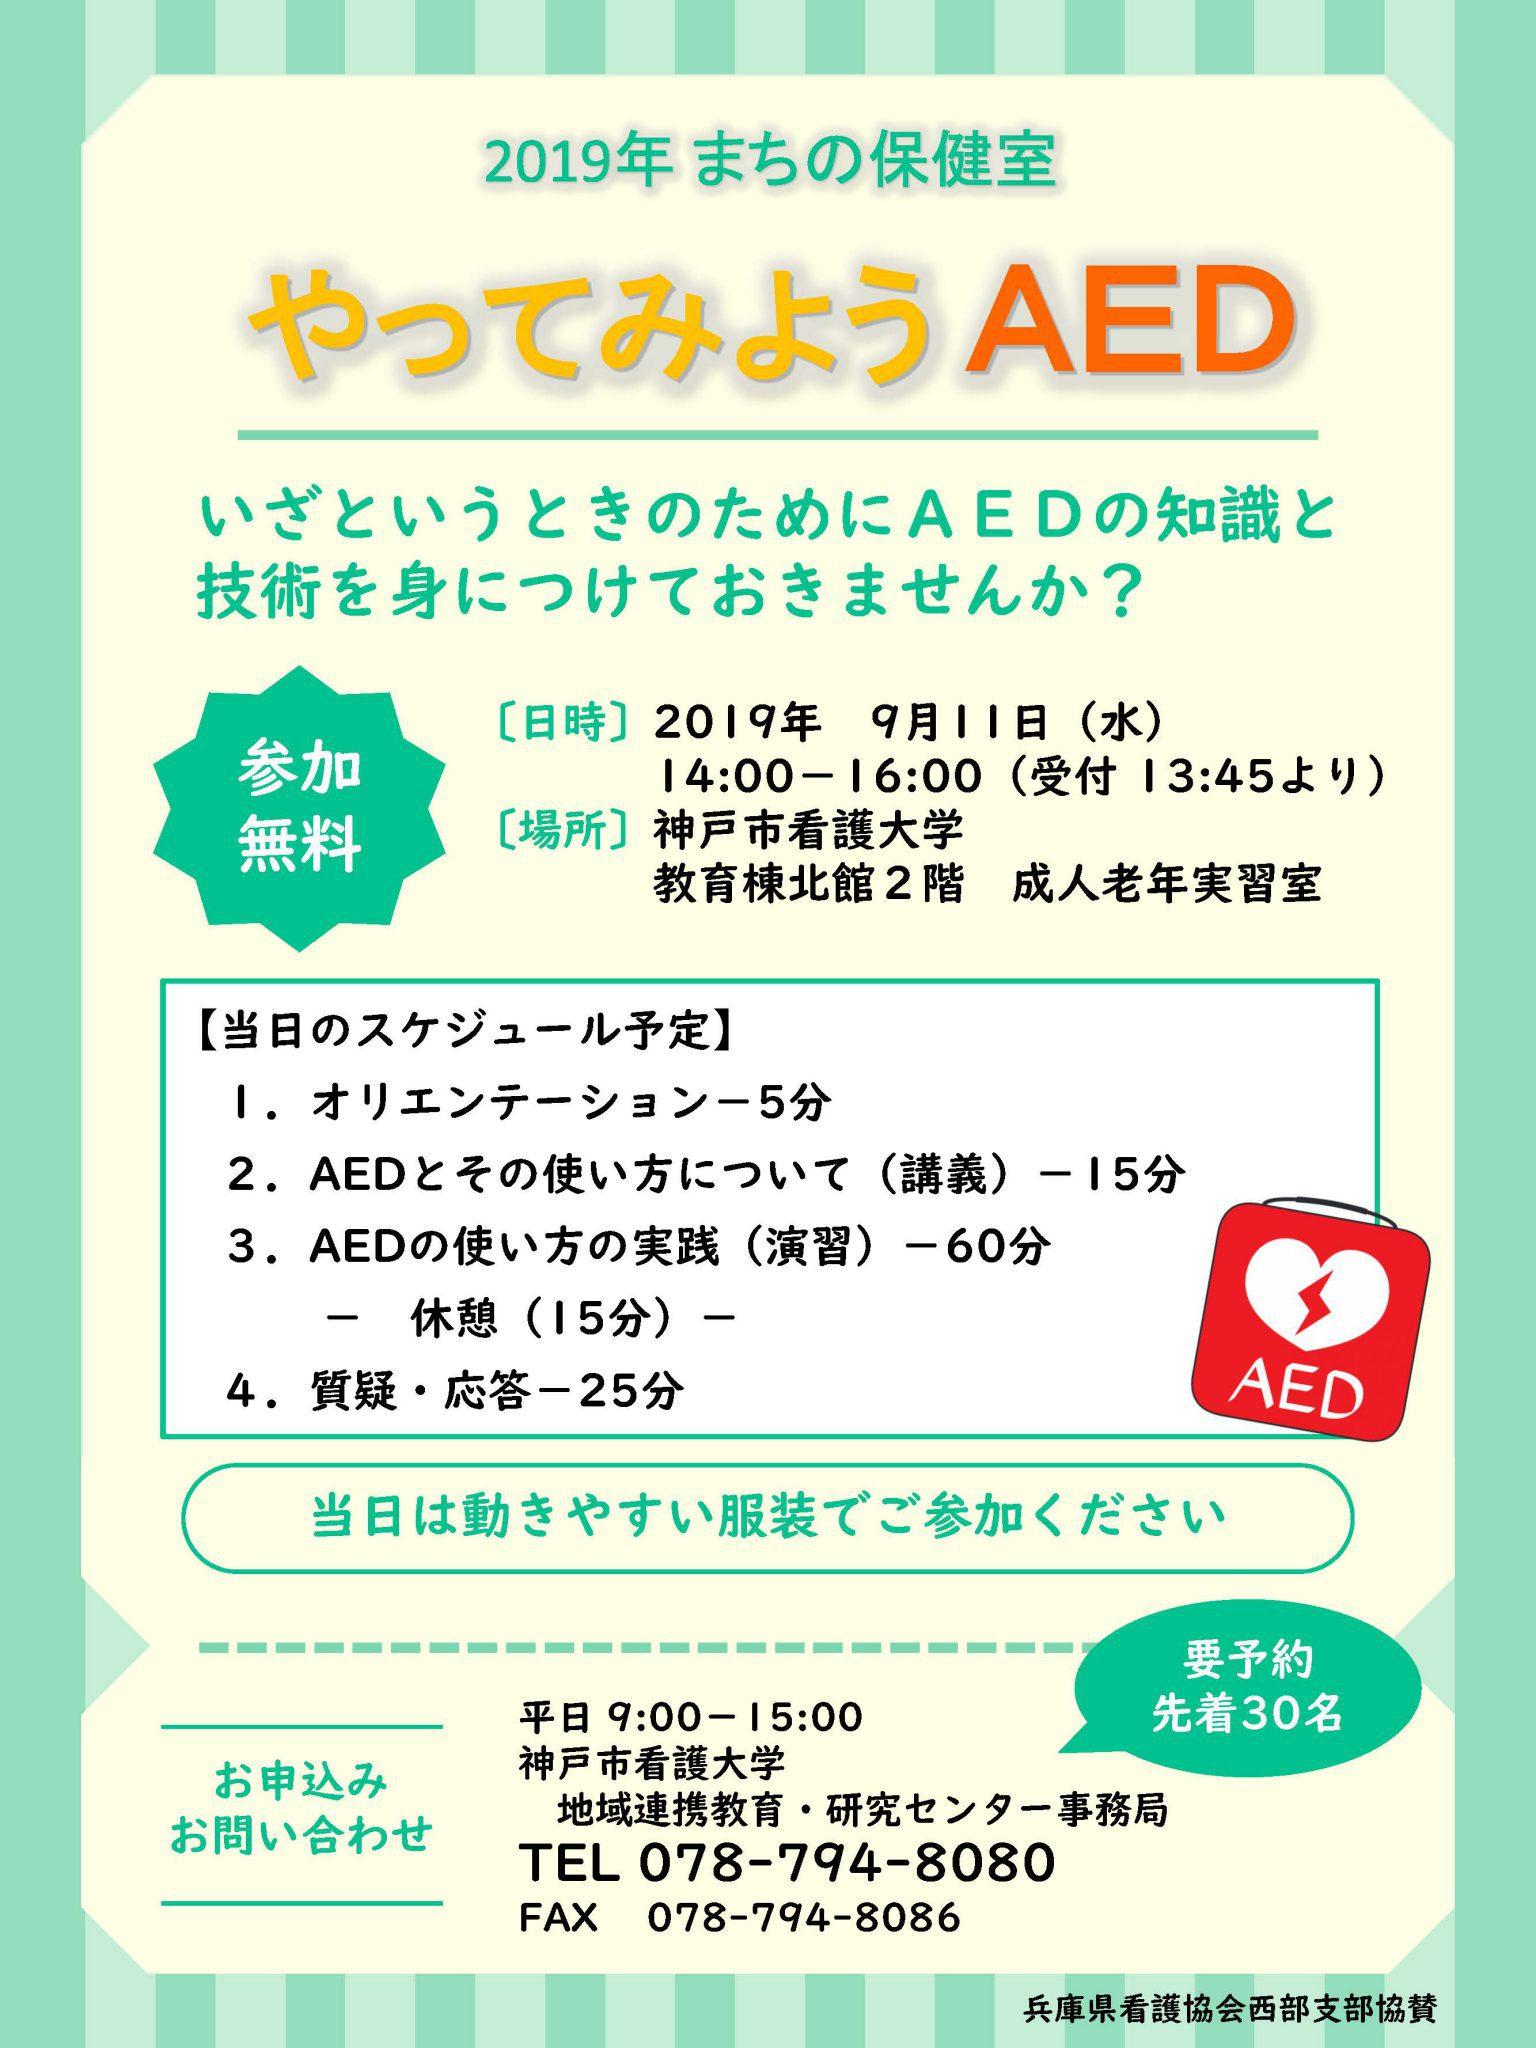 【まちの保健室】2019年9月11日(水)健康支援「やってみよう!!AED」を開催します